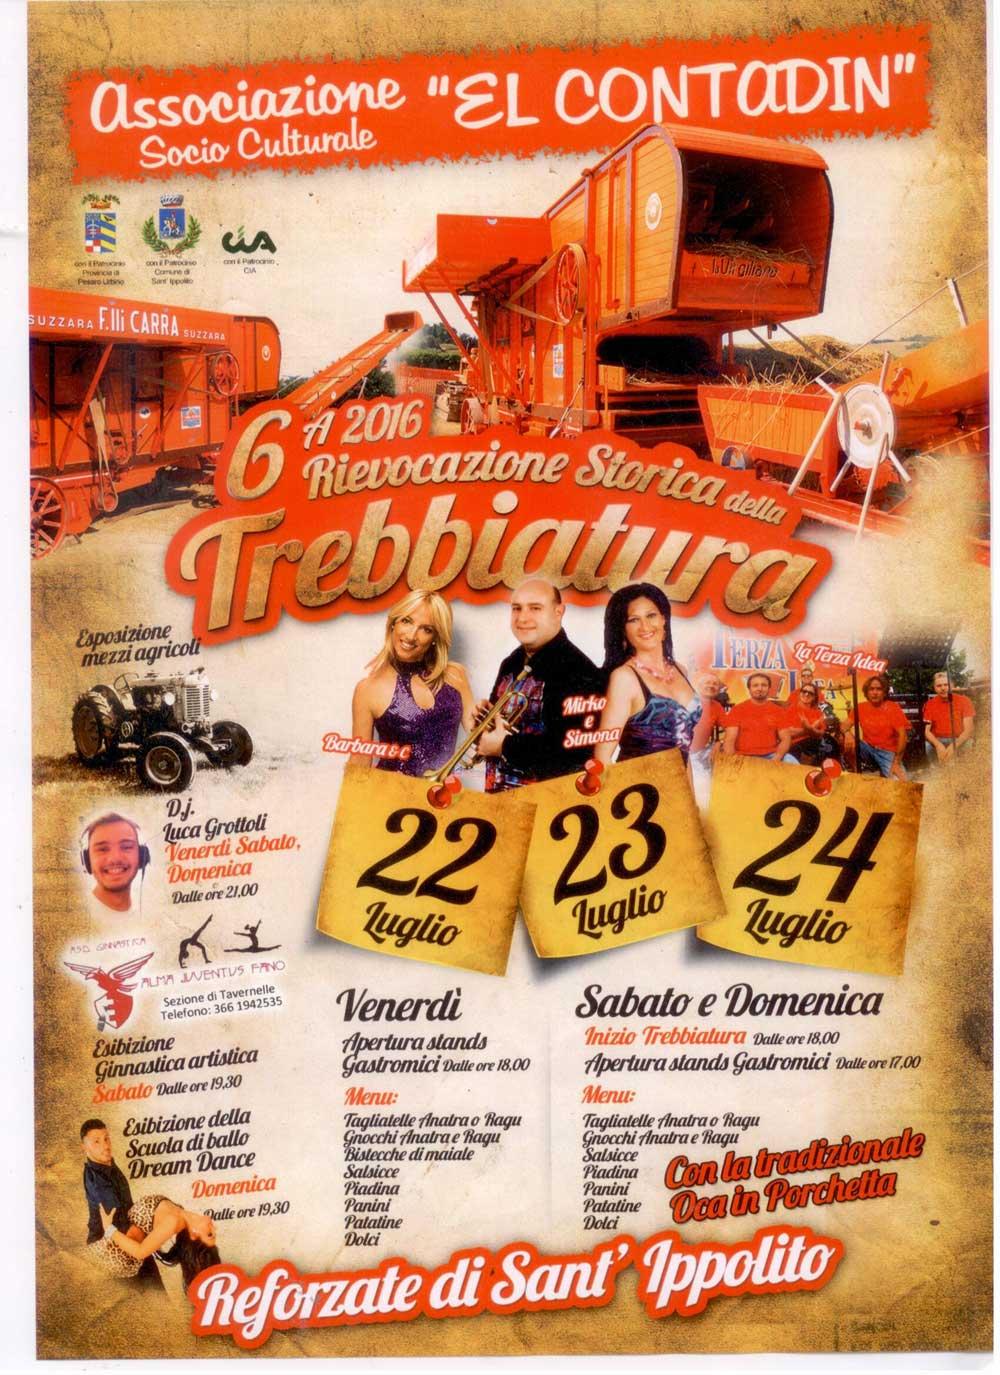 evento-associazione-el-contadin-trebbiatura-2016